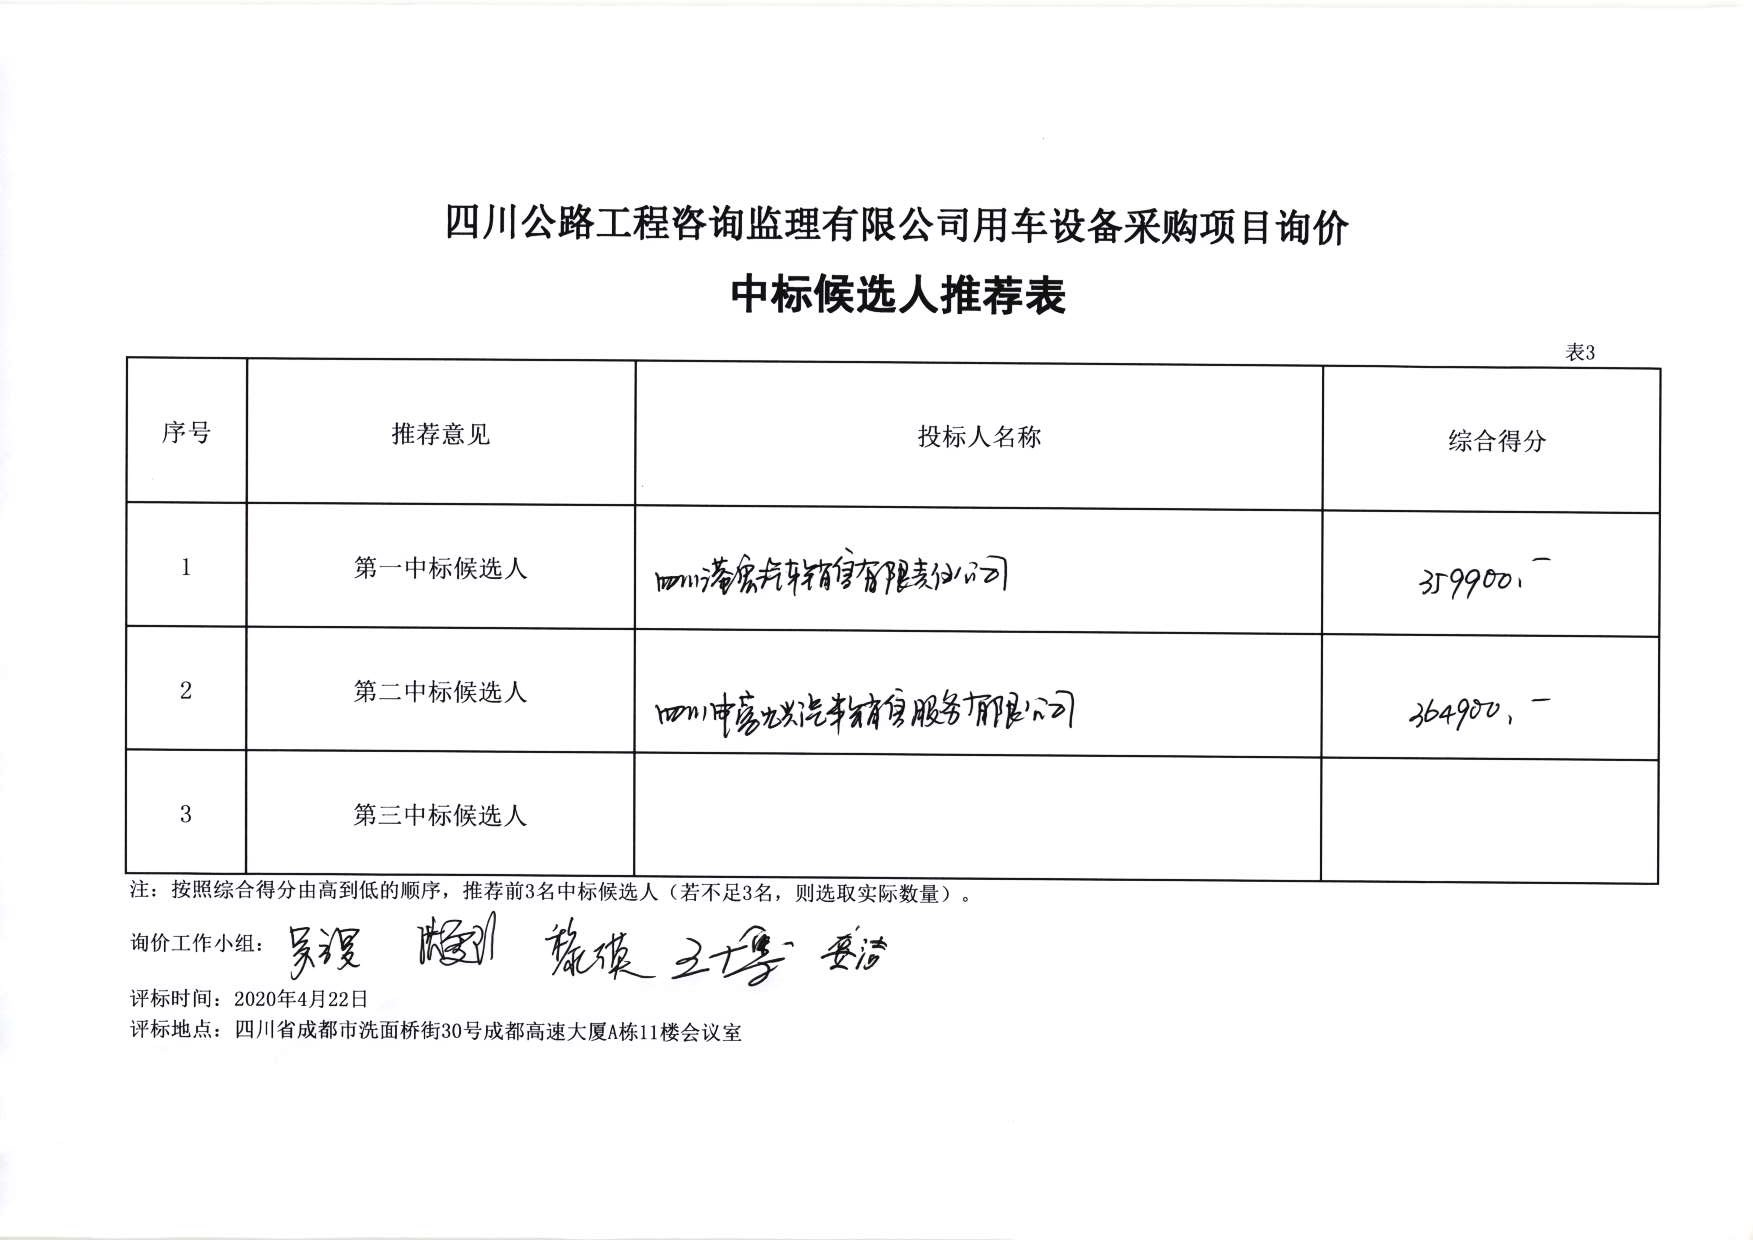 四川yabovip2029咨询yabo100有限公司用车设备采购项目询价中标候选人推荐表.jpg